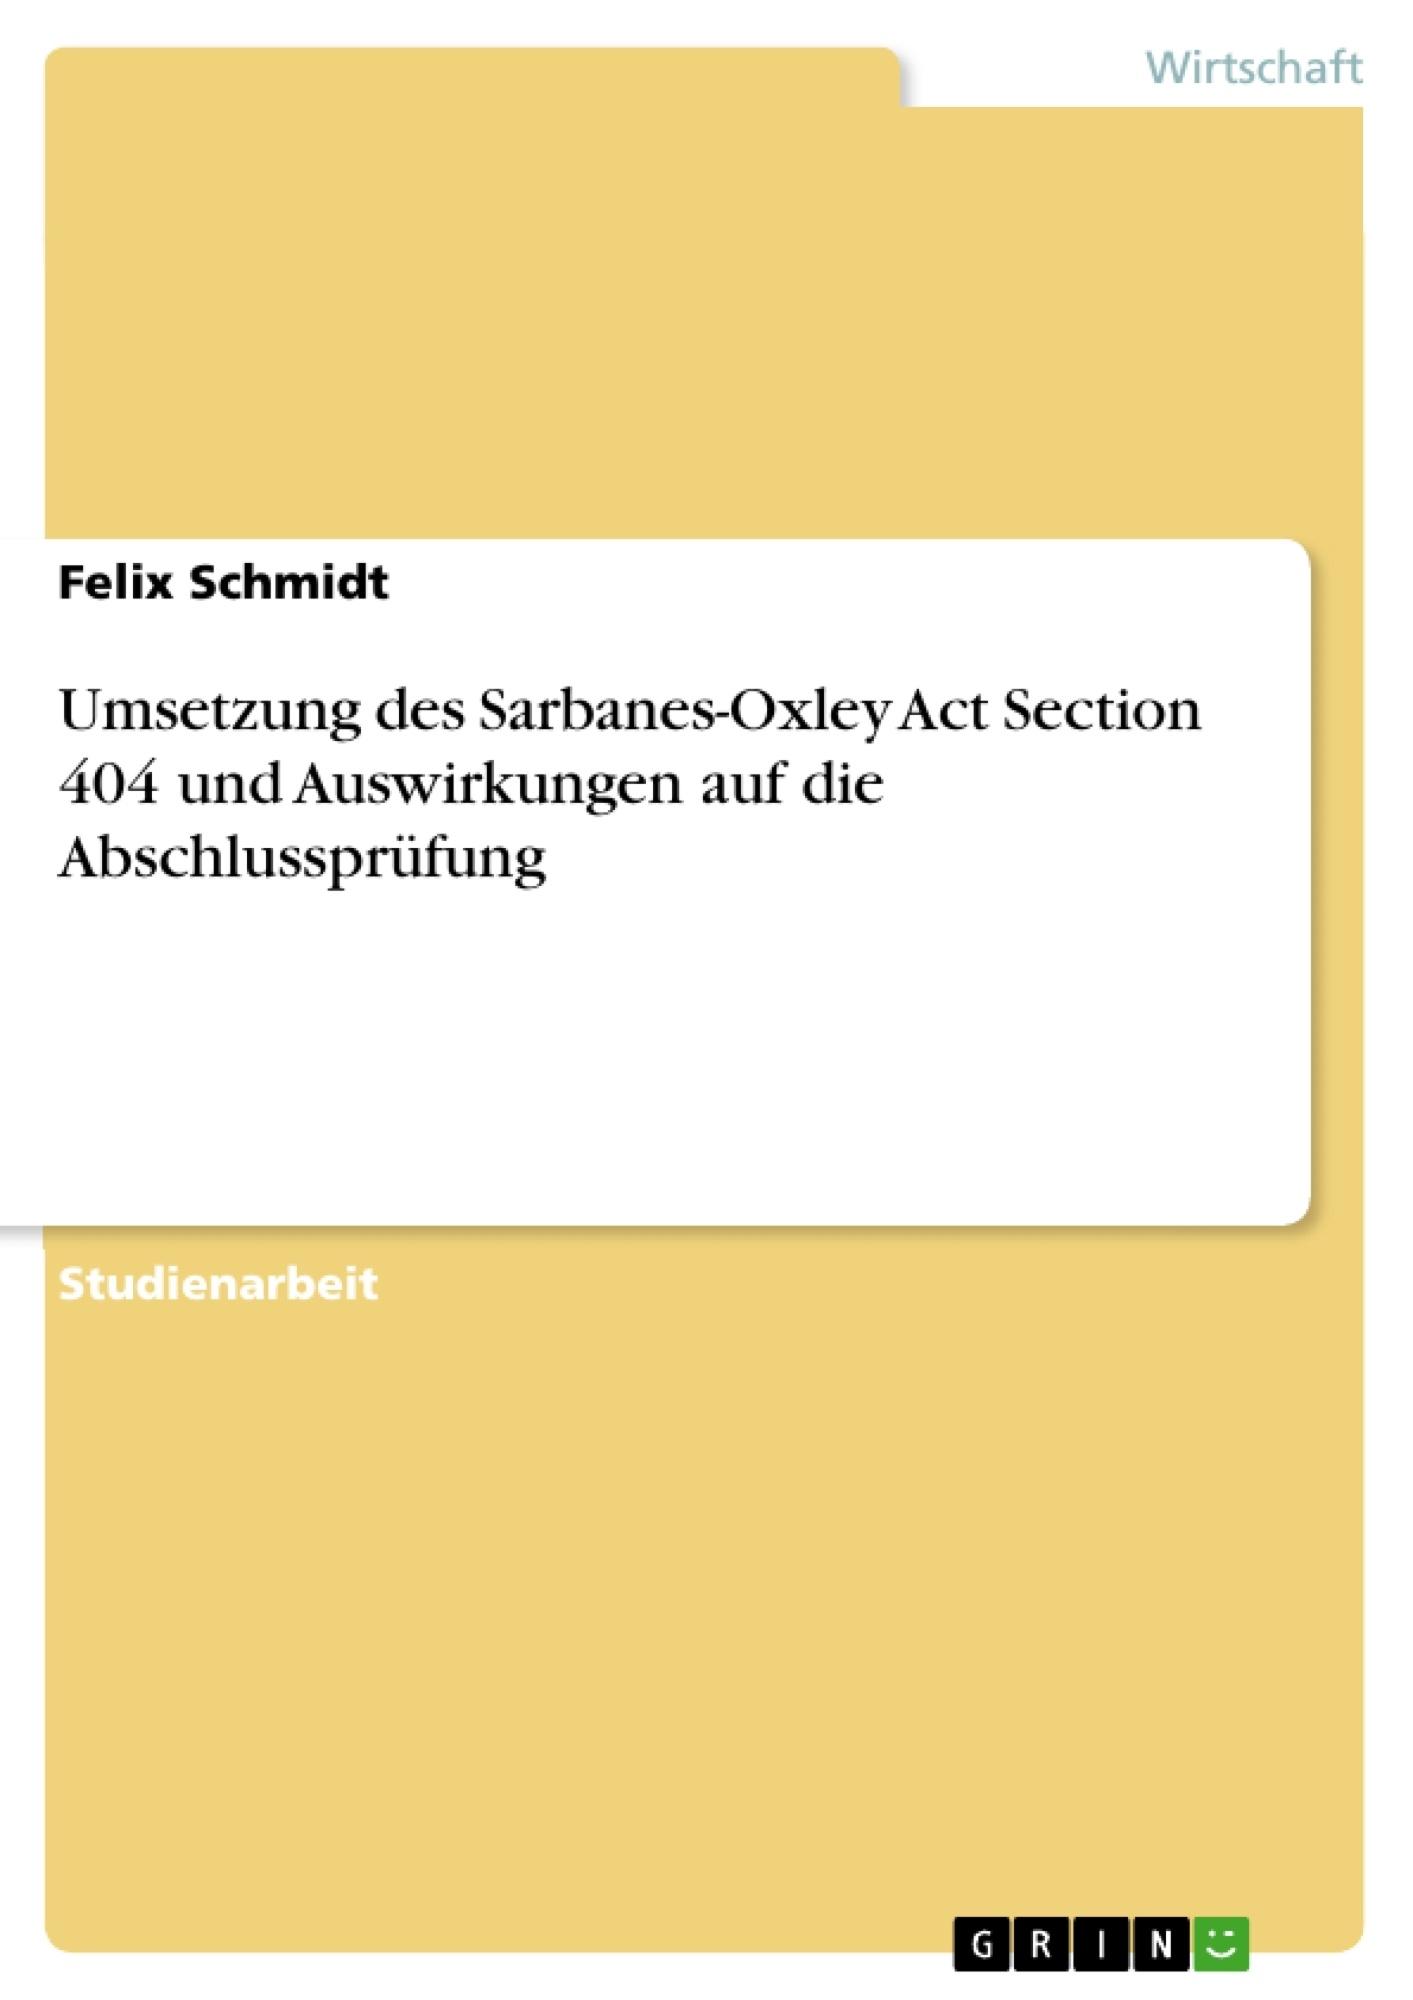 Titel: Umsetzung des Sarbanes-Oxley Act Section 404 und Auswirkungen auf die Abschlussprüfung